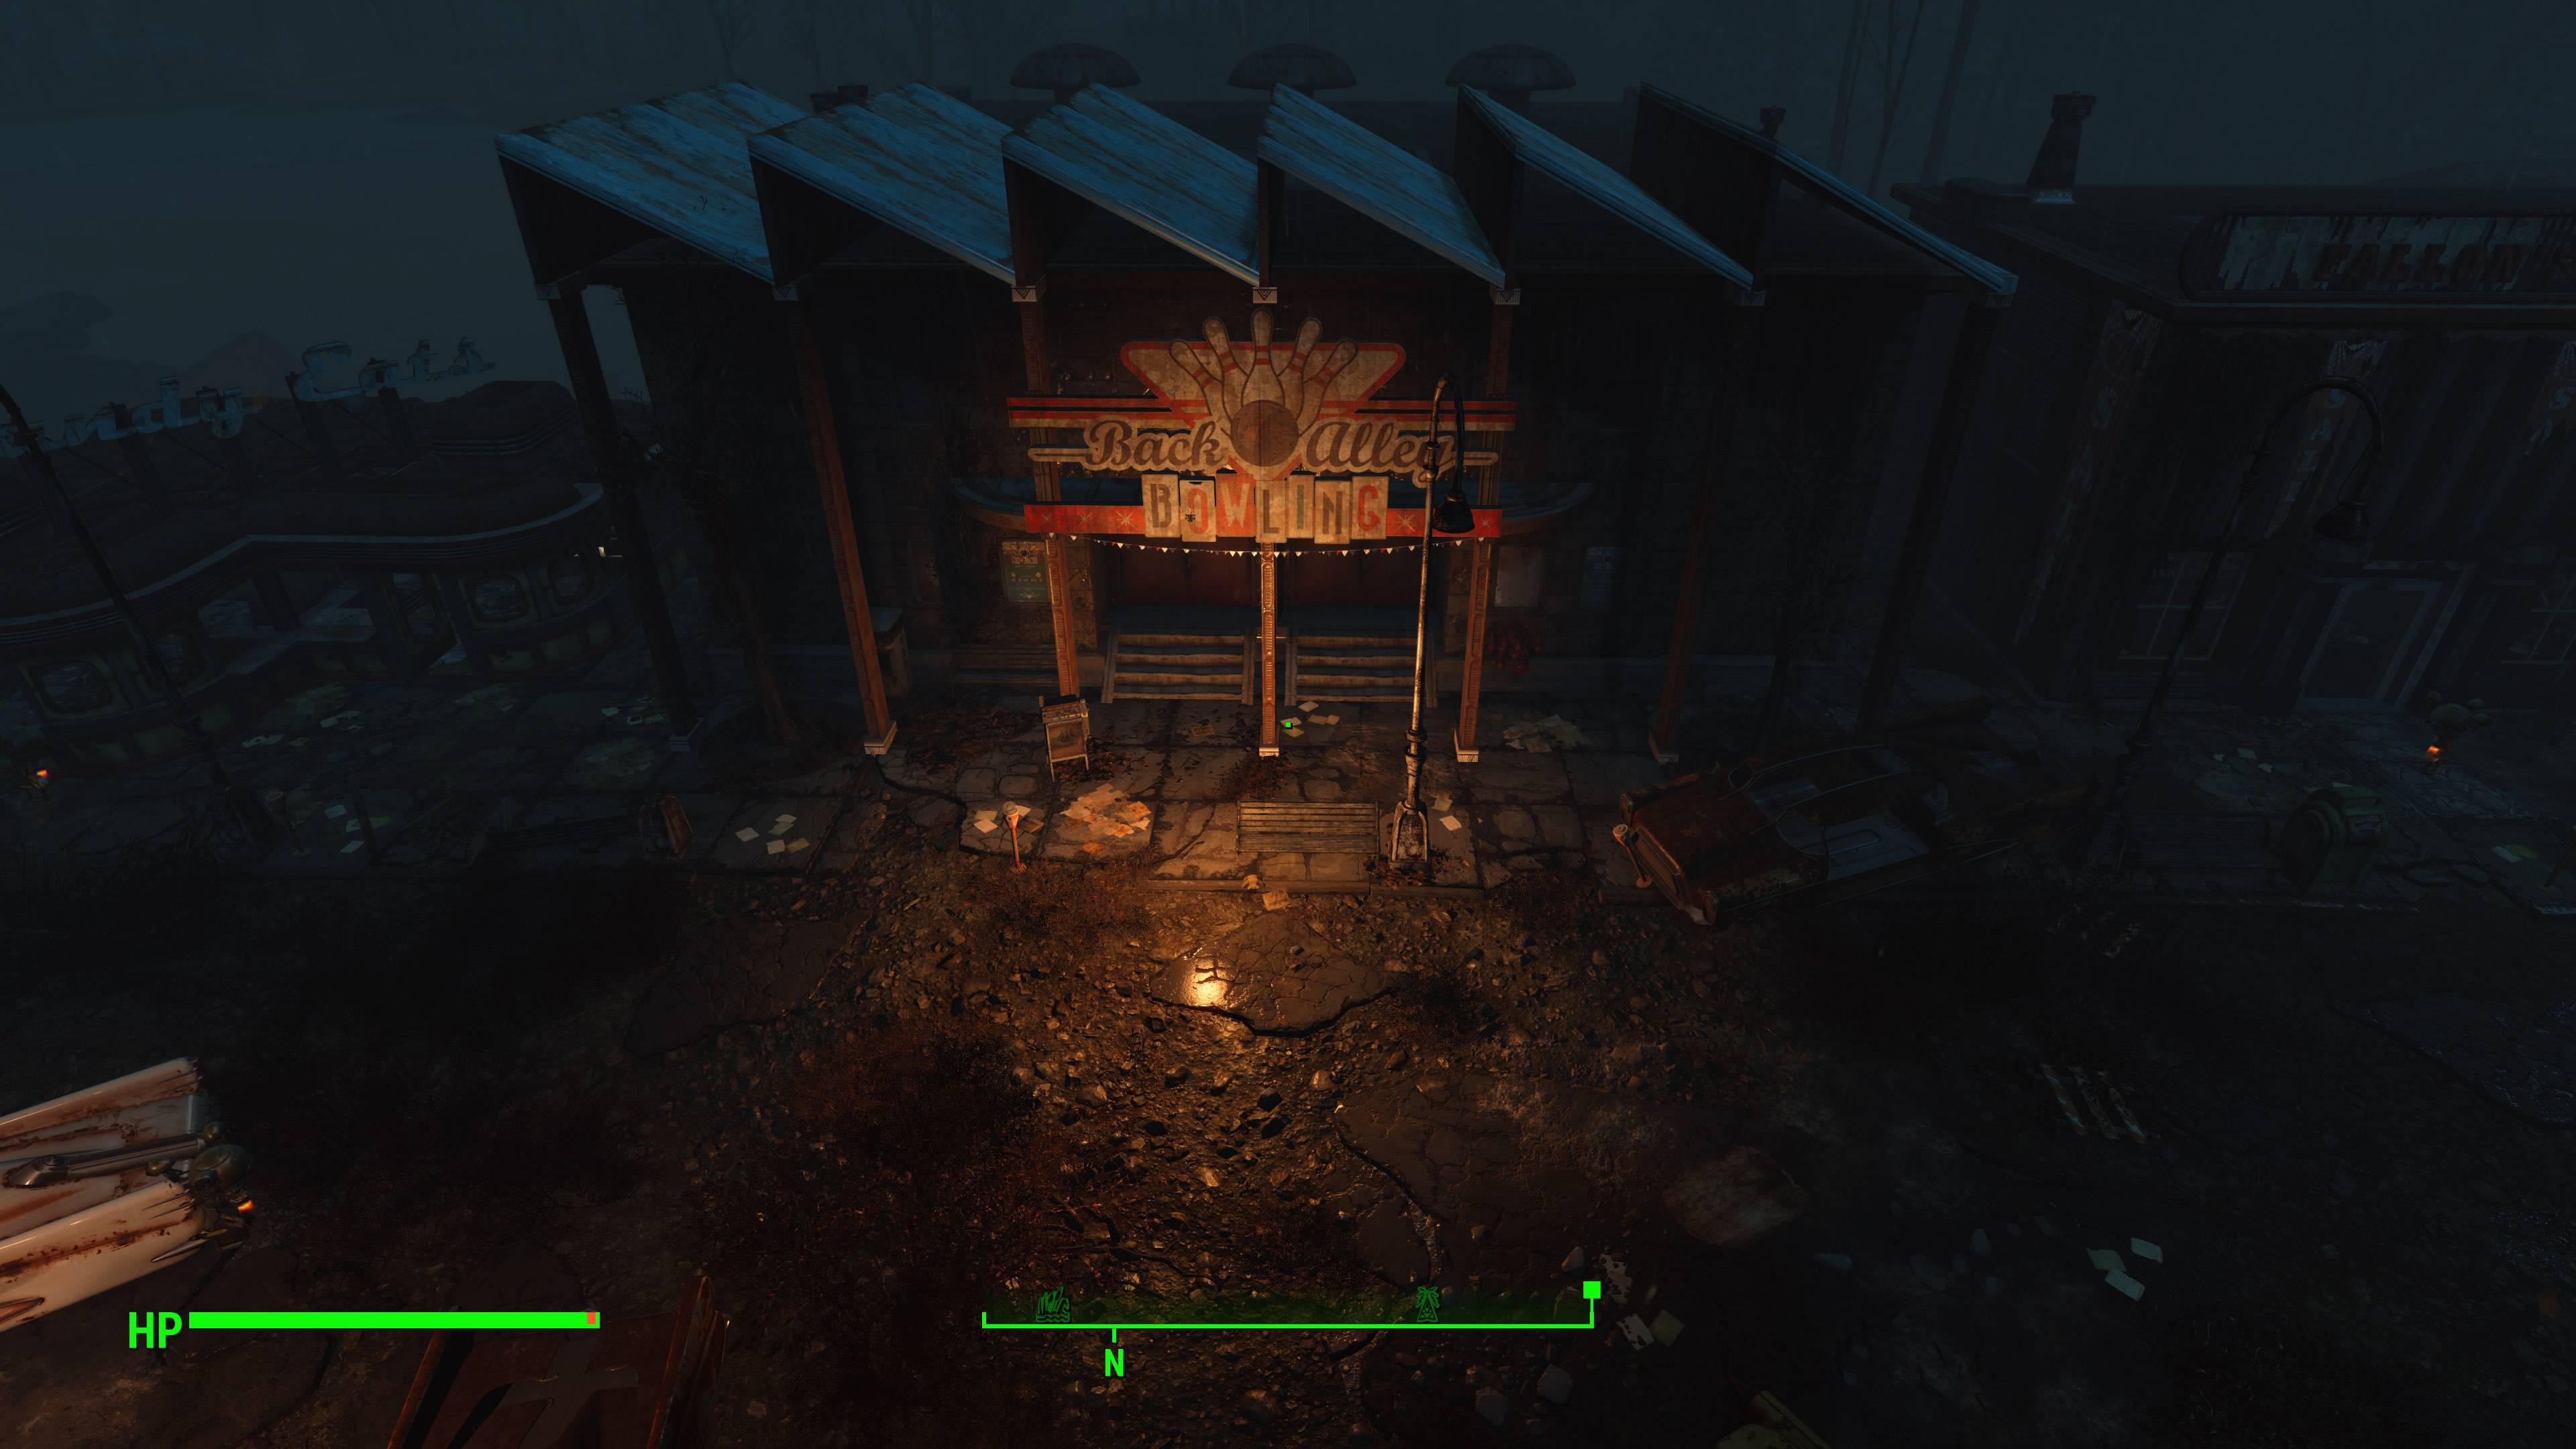 PC verzi Falloutu 4 můžete obohatit o textury ve vysokém rozlišení 138012